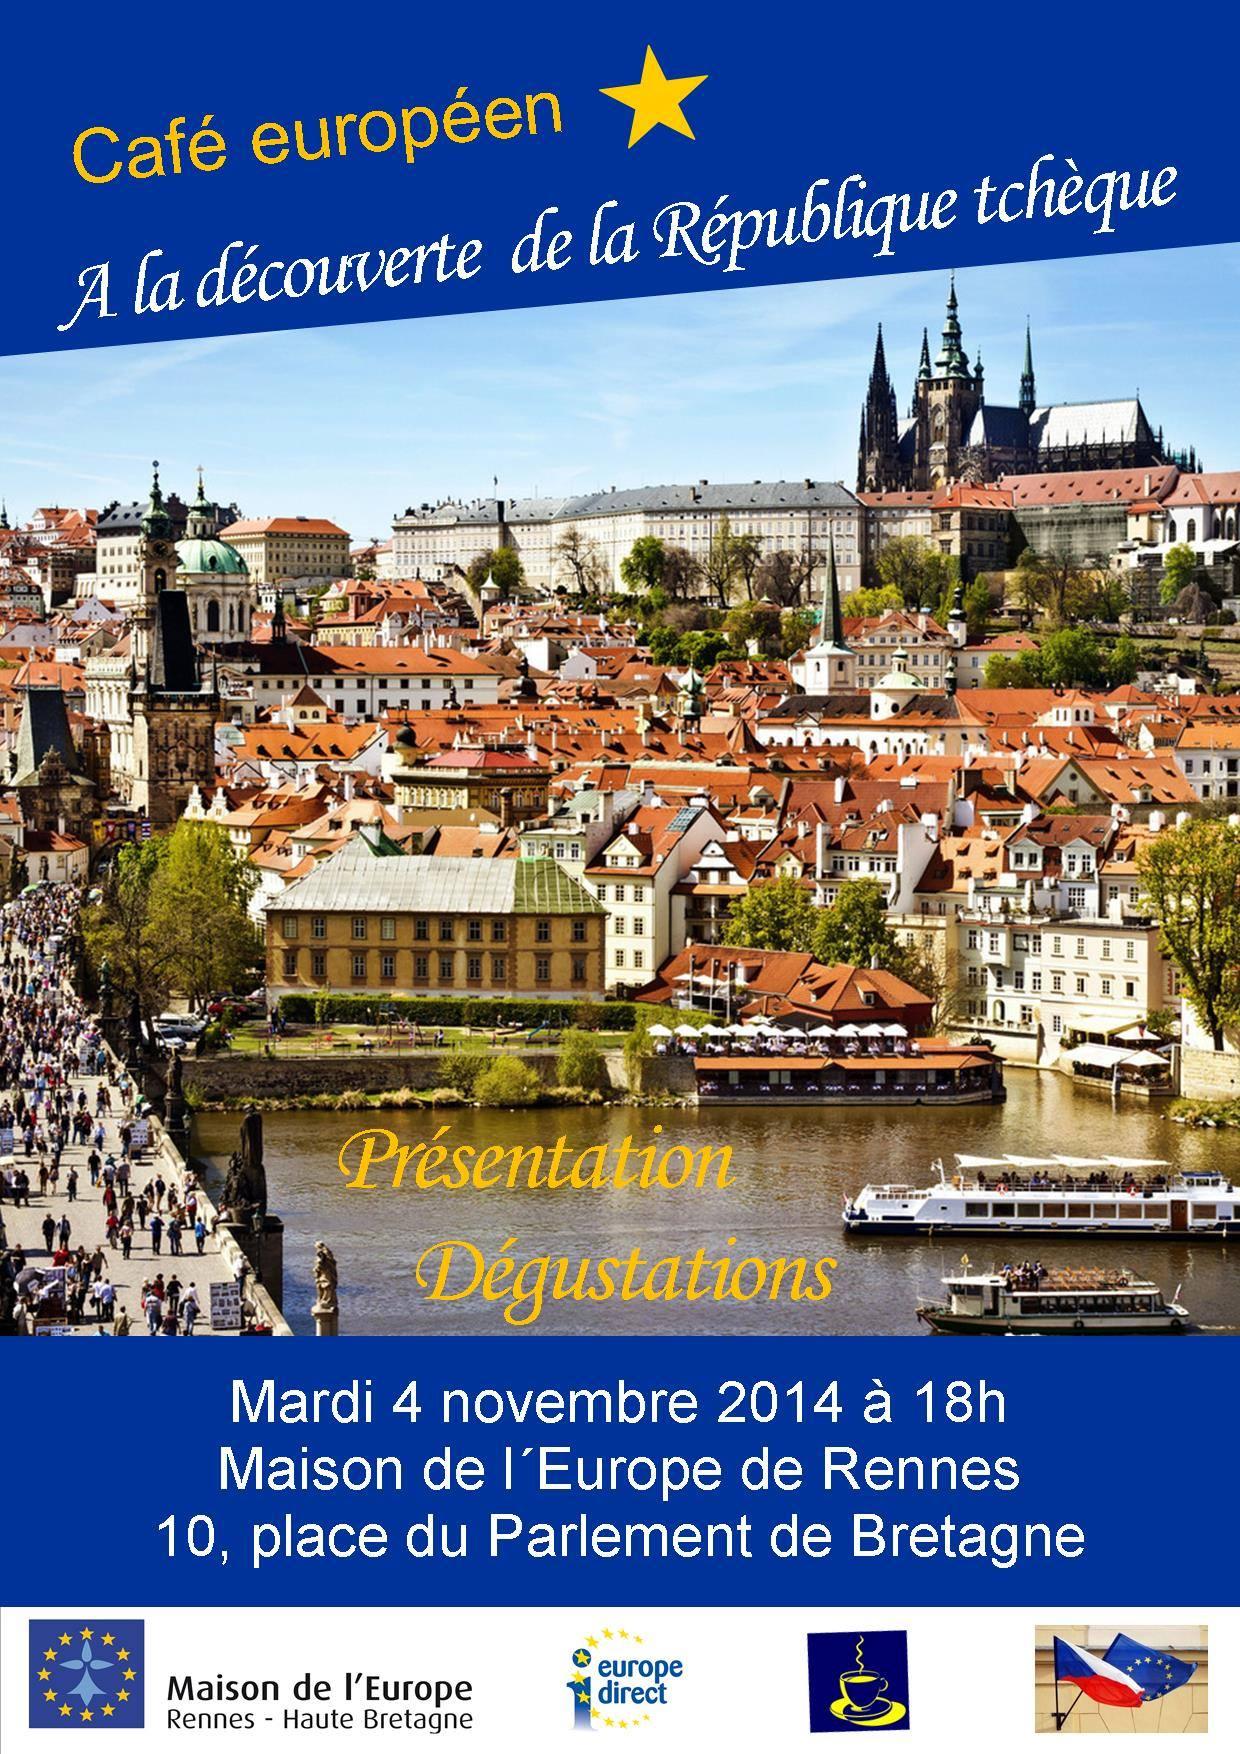 Café européen - A la découverte de la République tchèque @ ME Rennes | Rennes | Brittany | France